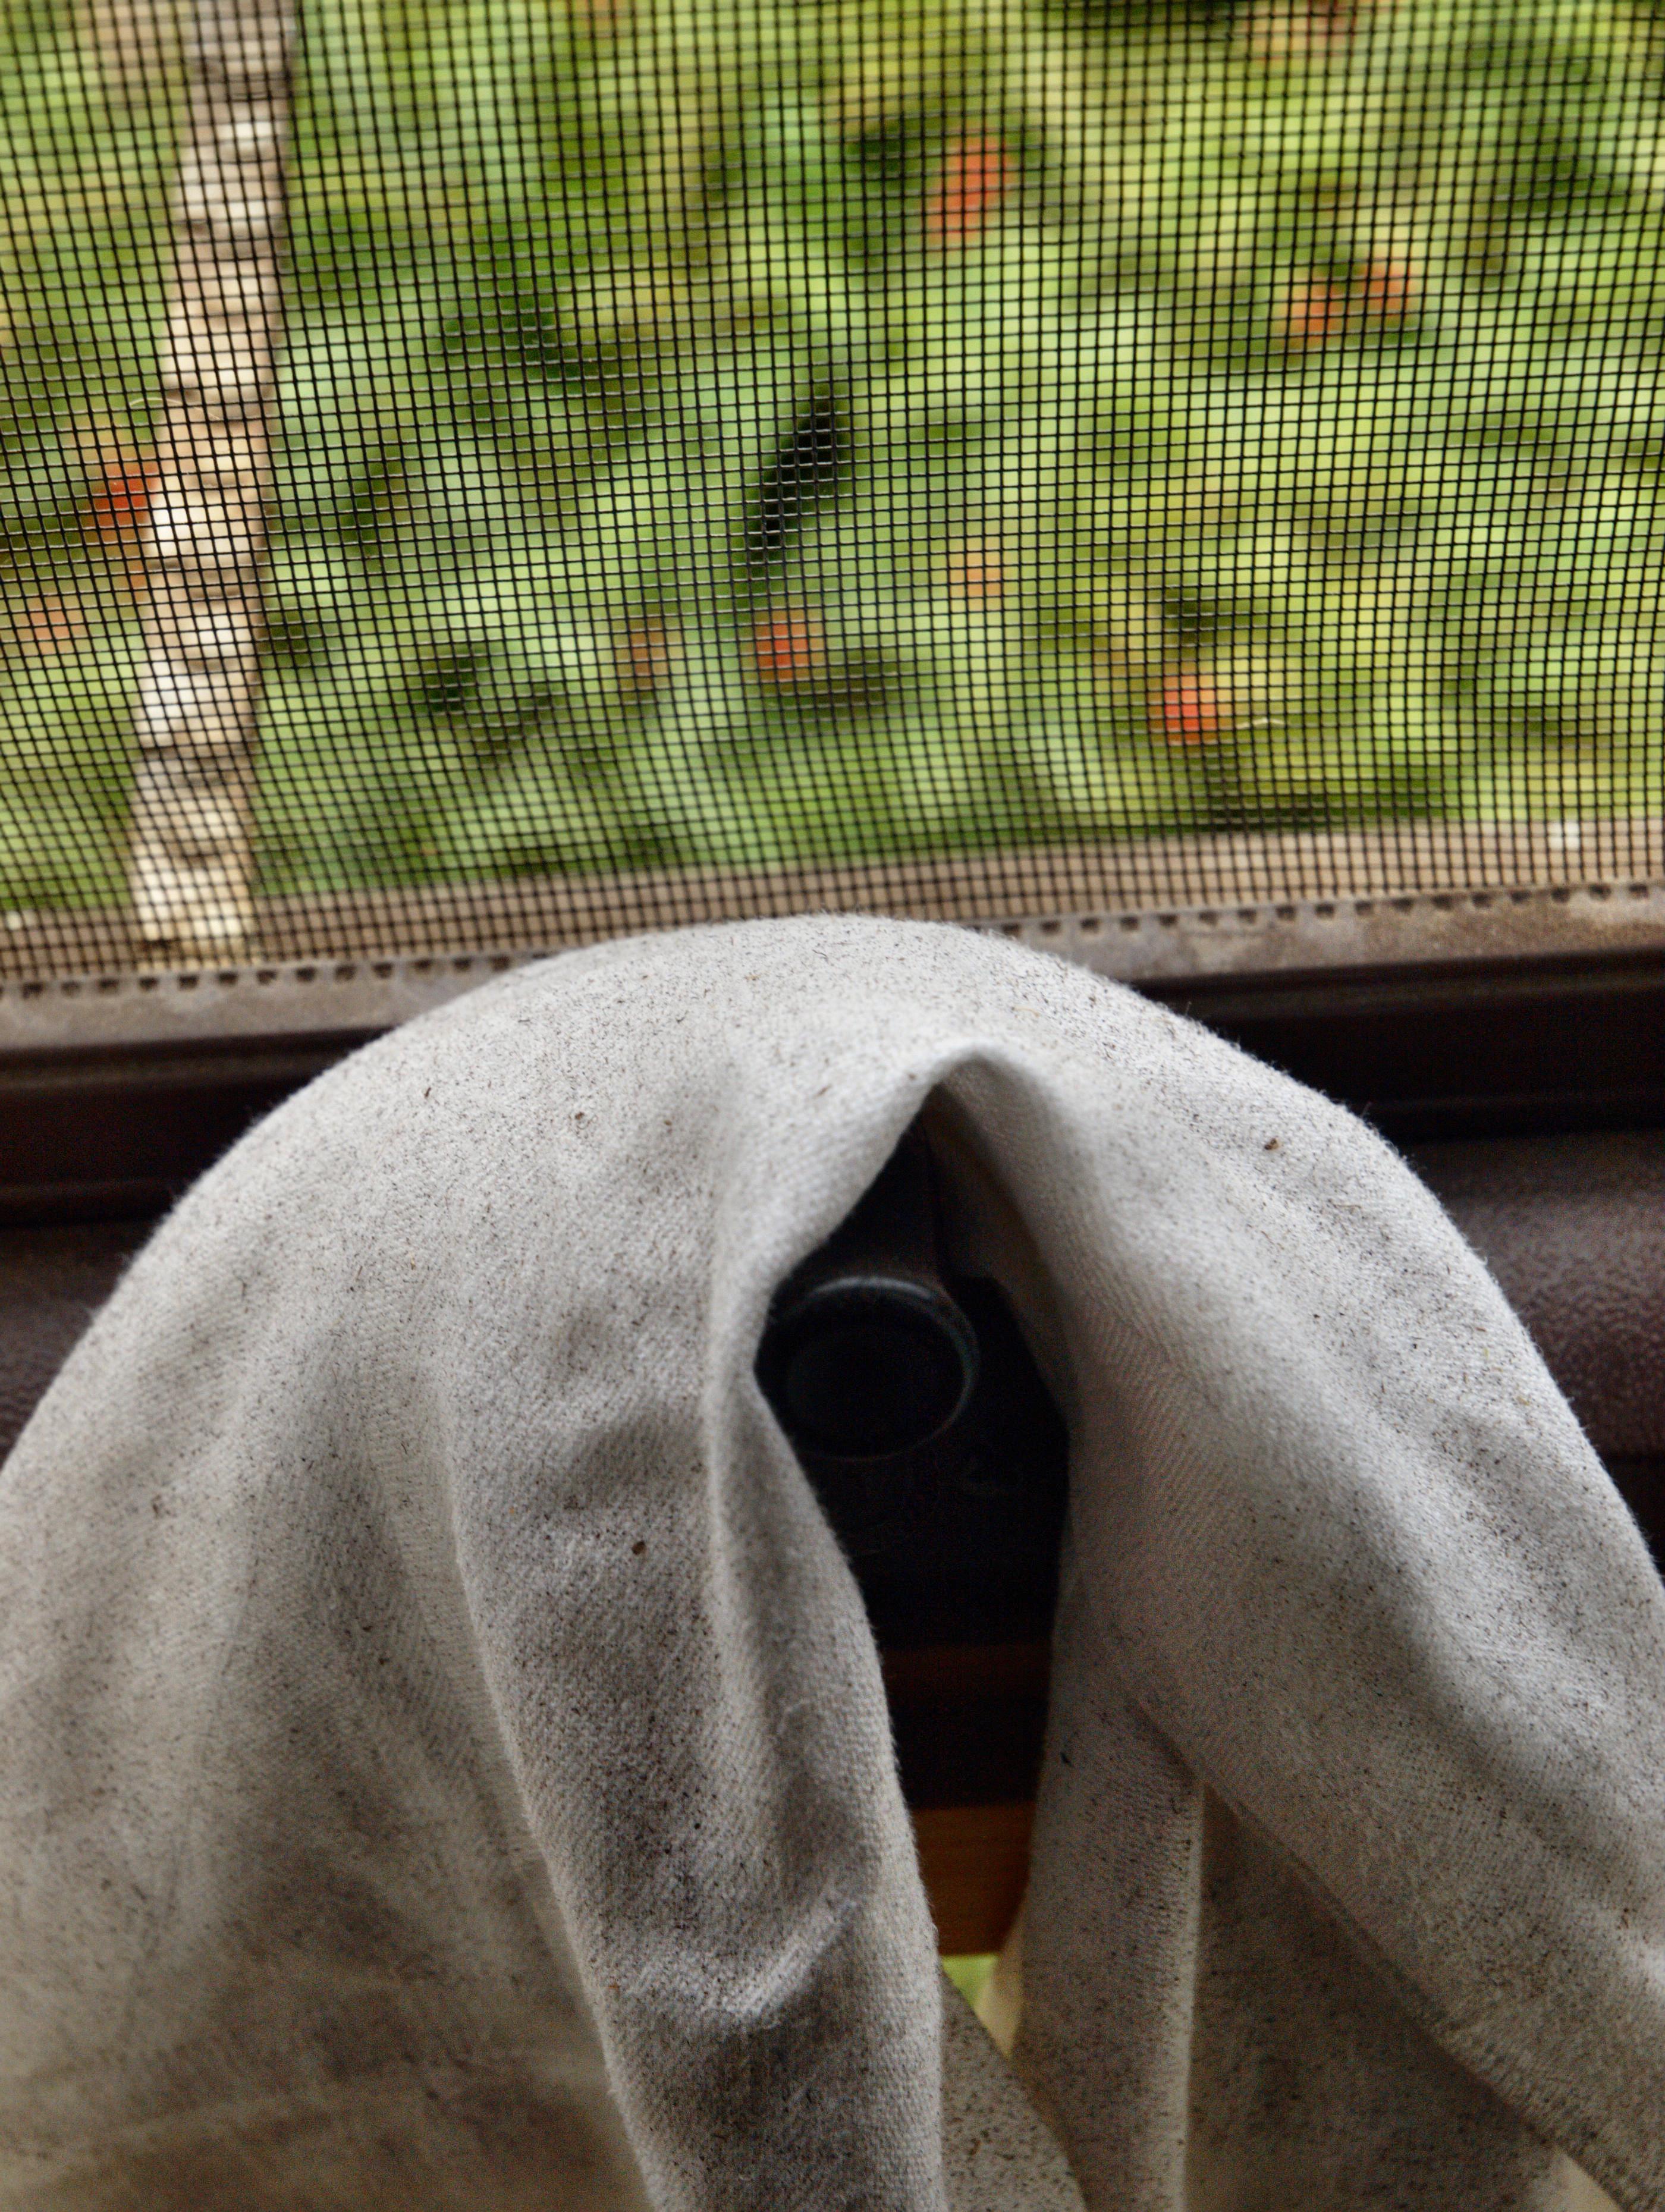 dusty-towel.jpeg